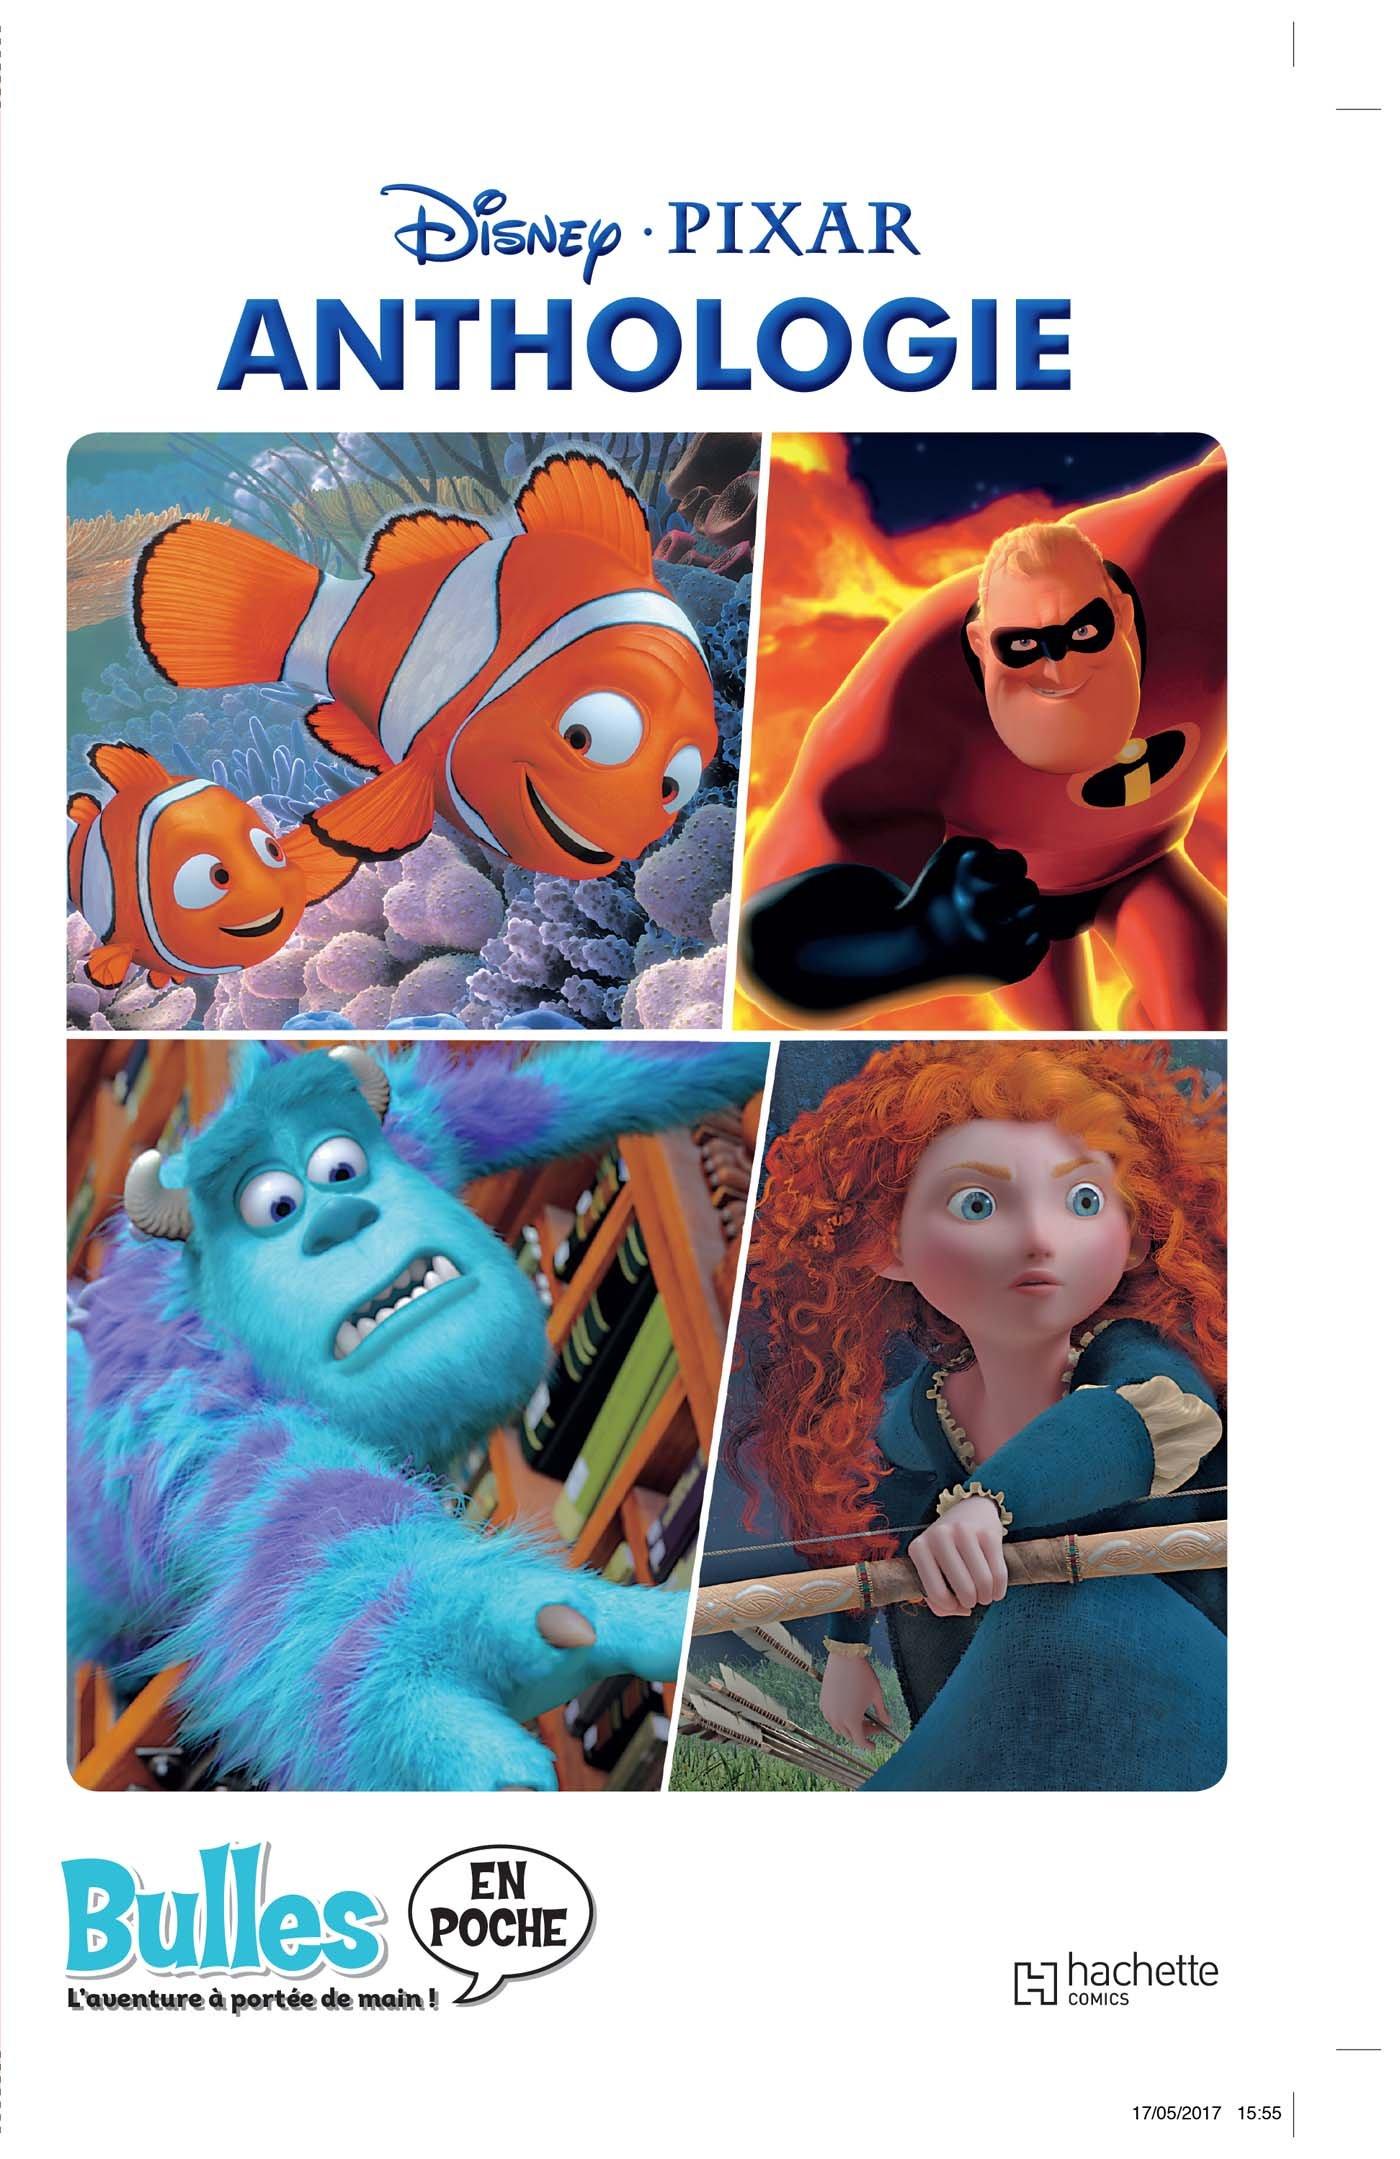 pixar-anthologie-bulles-poche-00